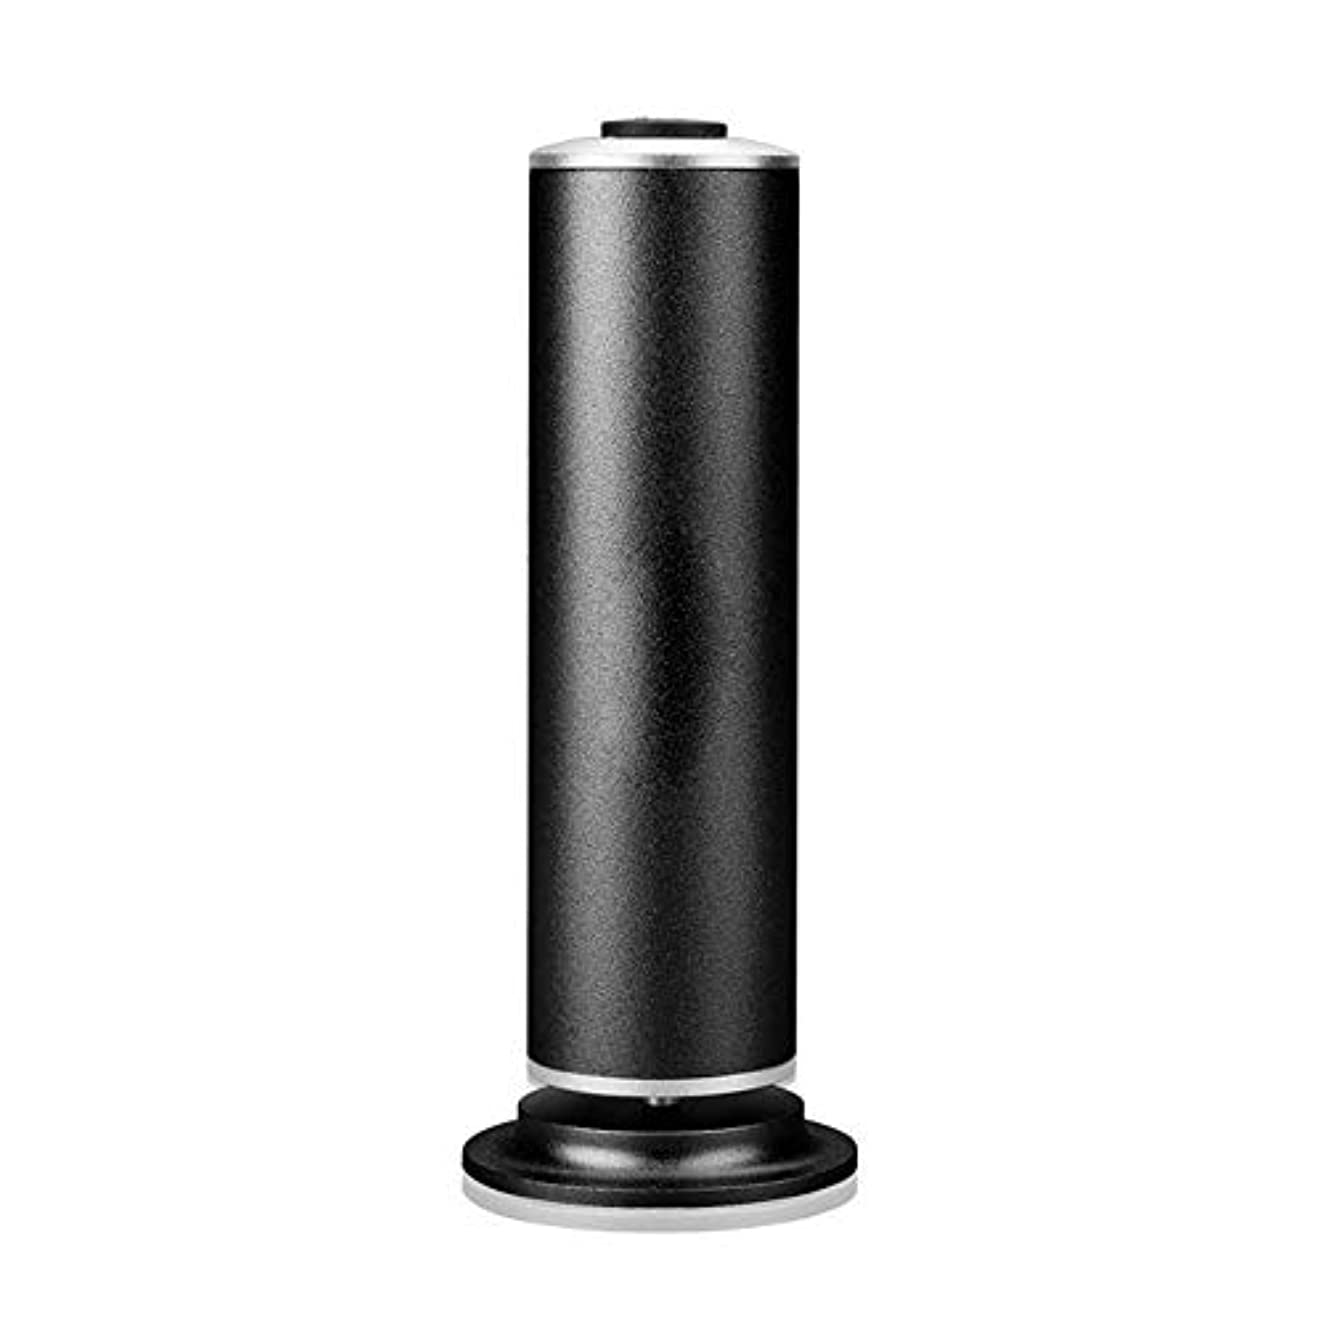 要求ペルメルフライト電気足カルスリムーバープロフェッショナルペディキュア電子フットファイルツール高速削除乾いたハードとひびの入った肌 ペディキュアツール (色 : ブラック, サイズ : 22.5x12.5x5.5cm)